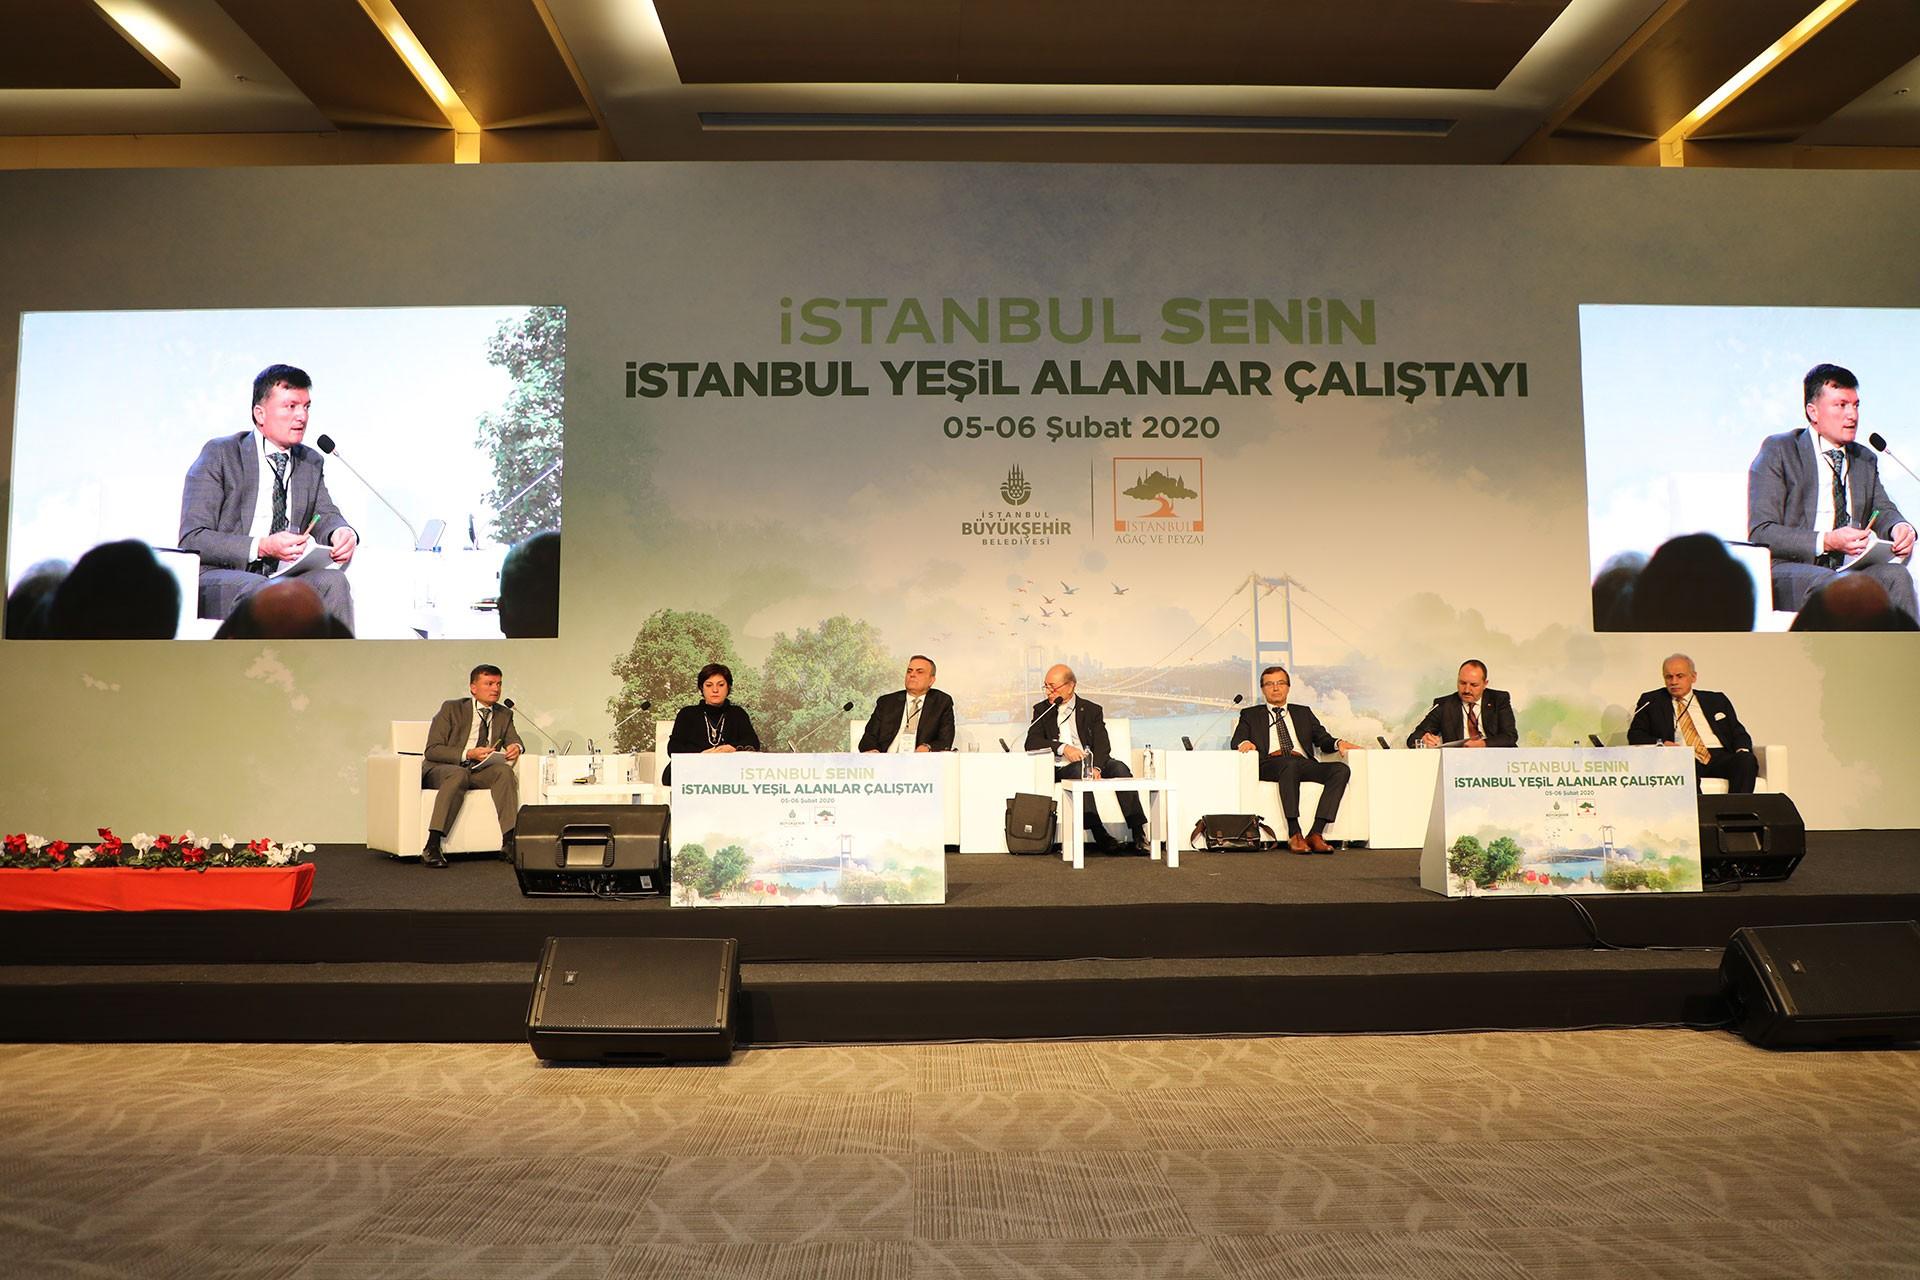 İstanbul Yeşil Alanlar Çalıştayı sahnesi